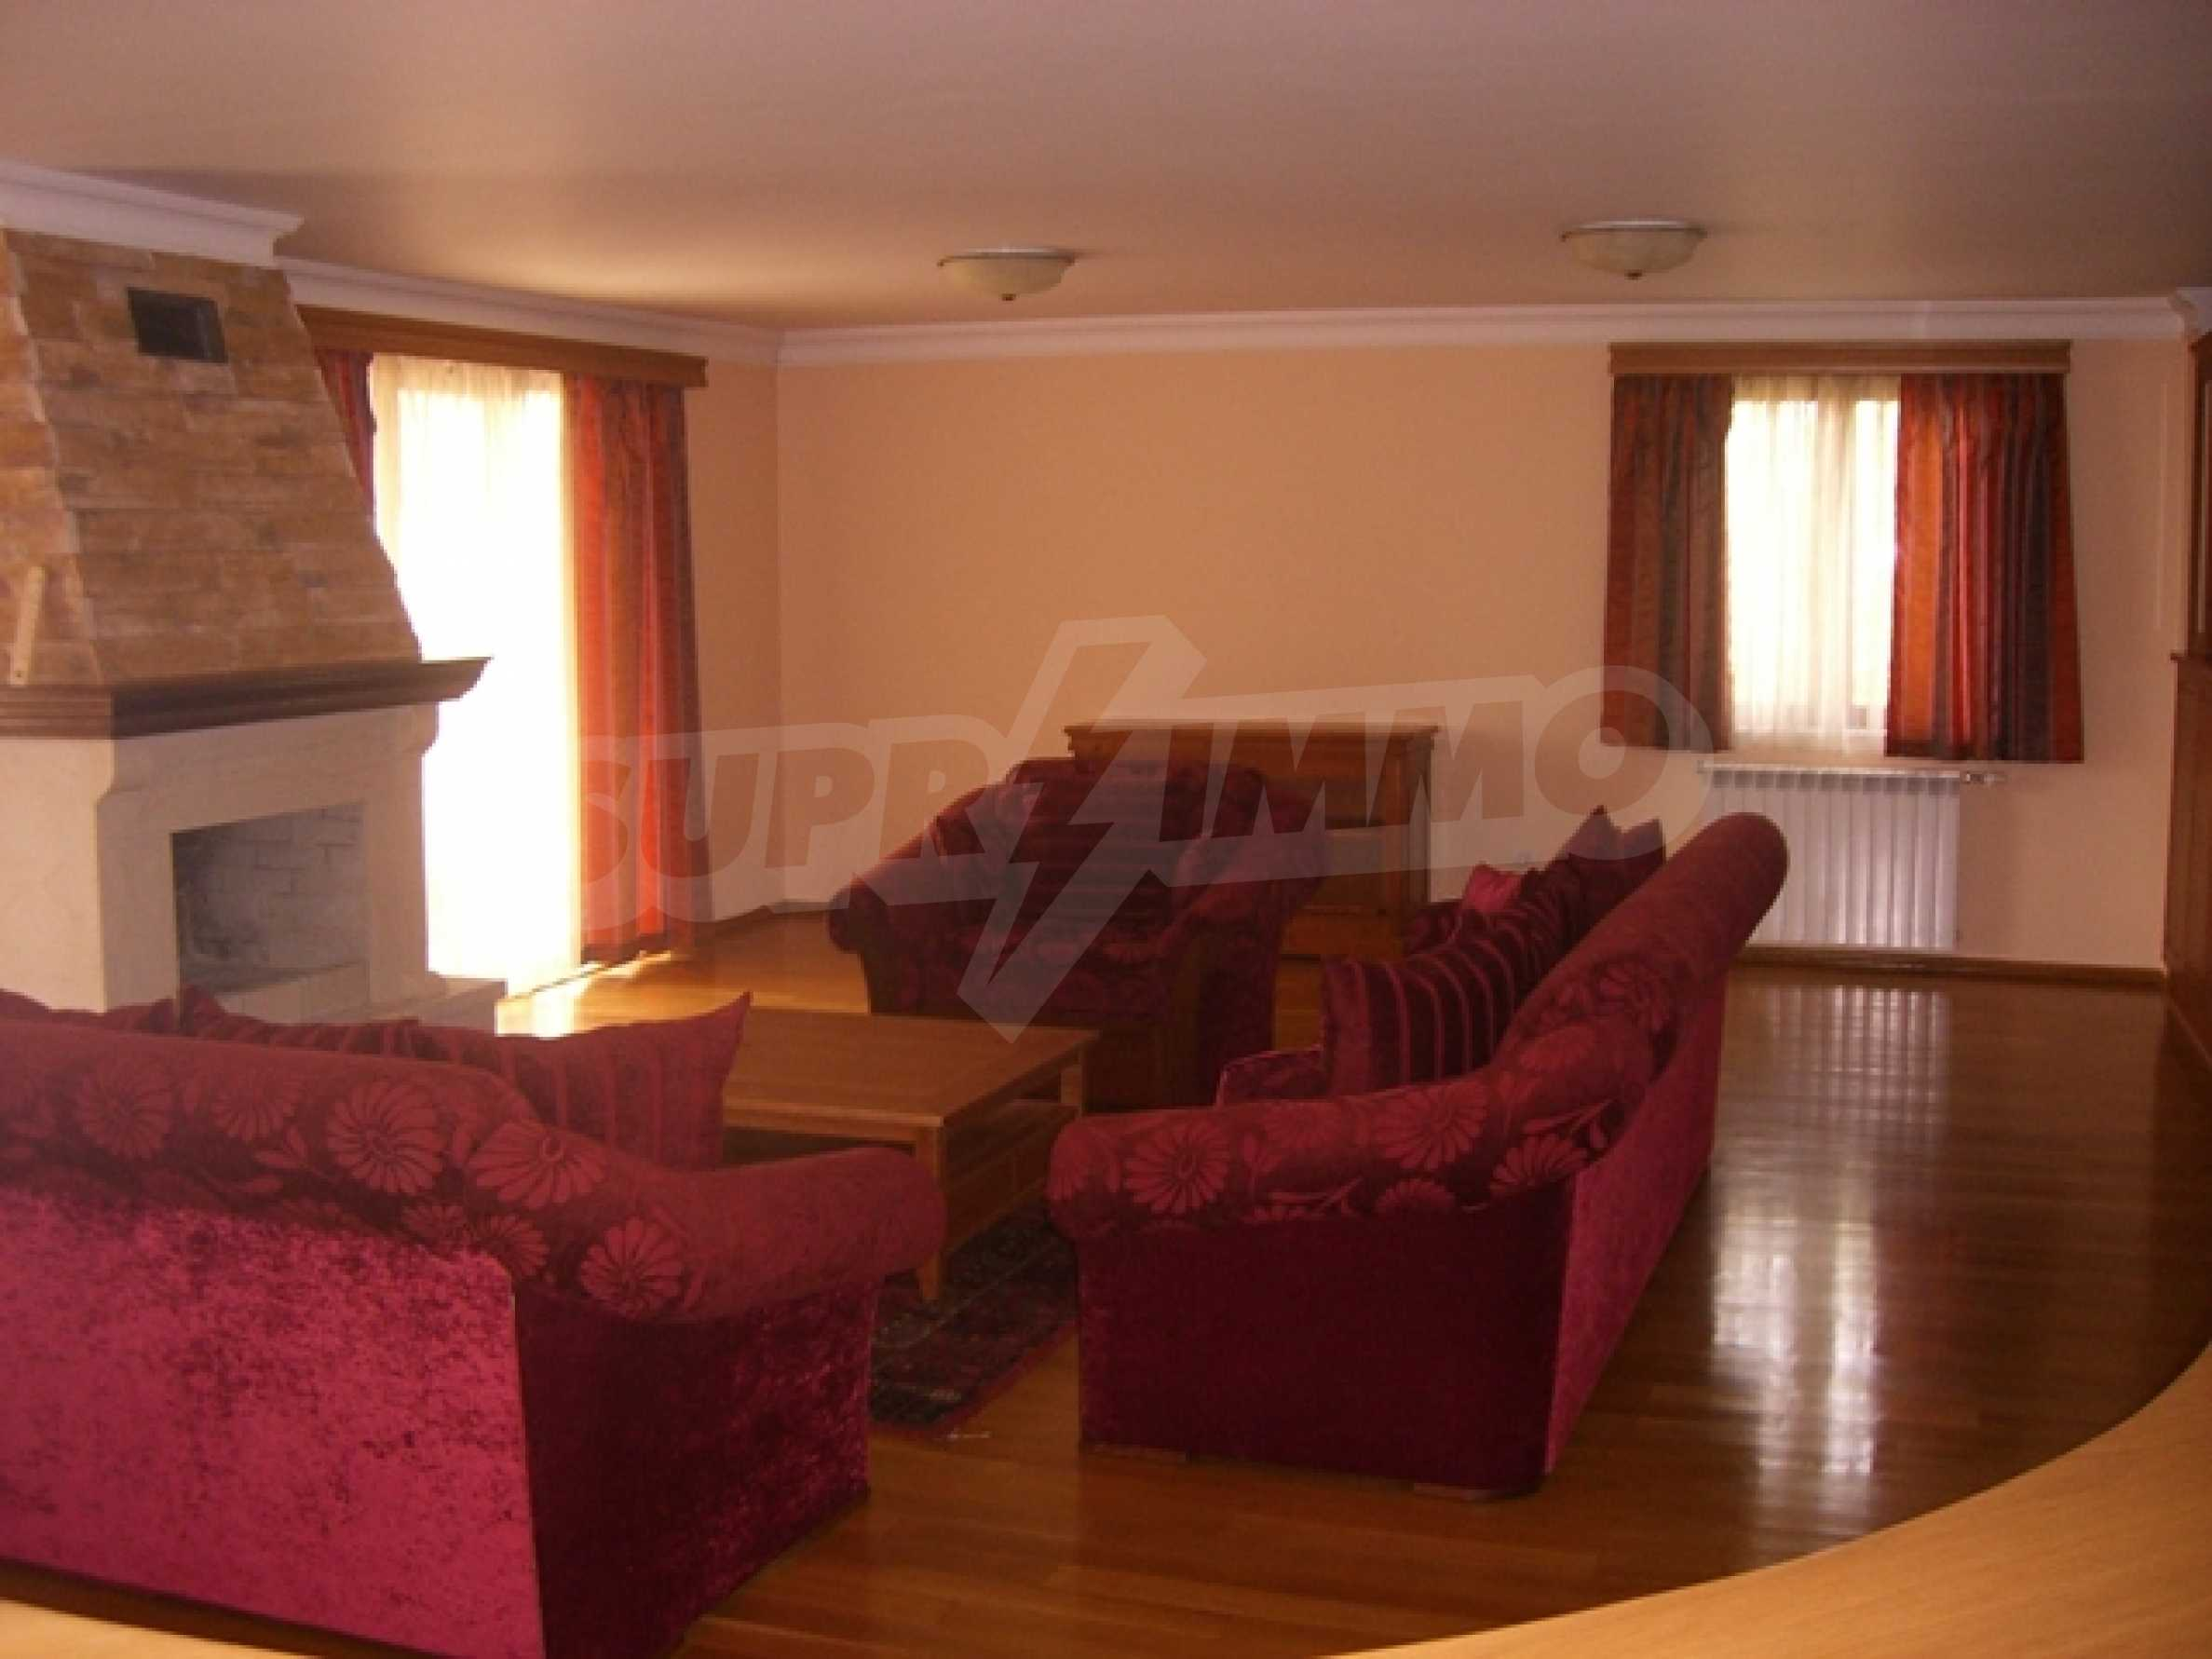 Residenz bulgarischen Traumhaus 35